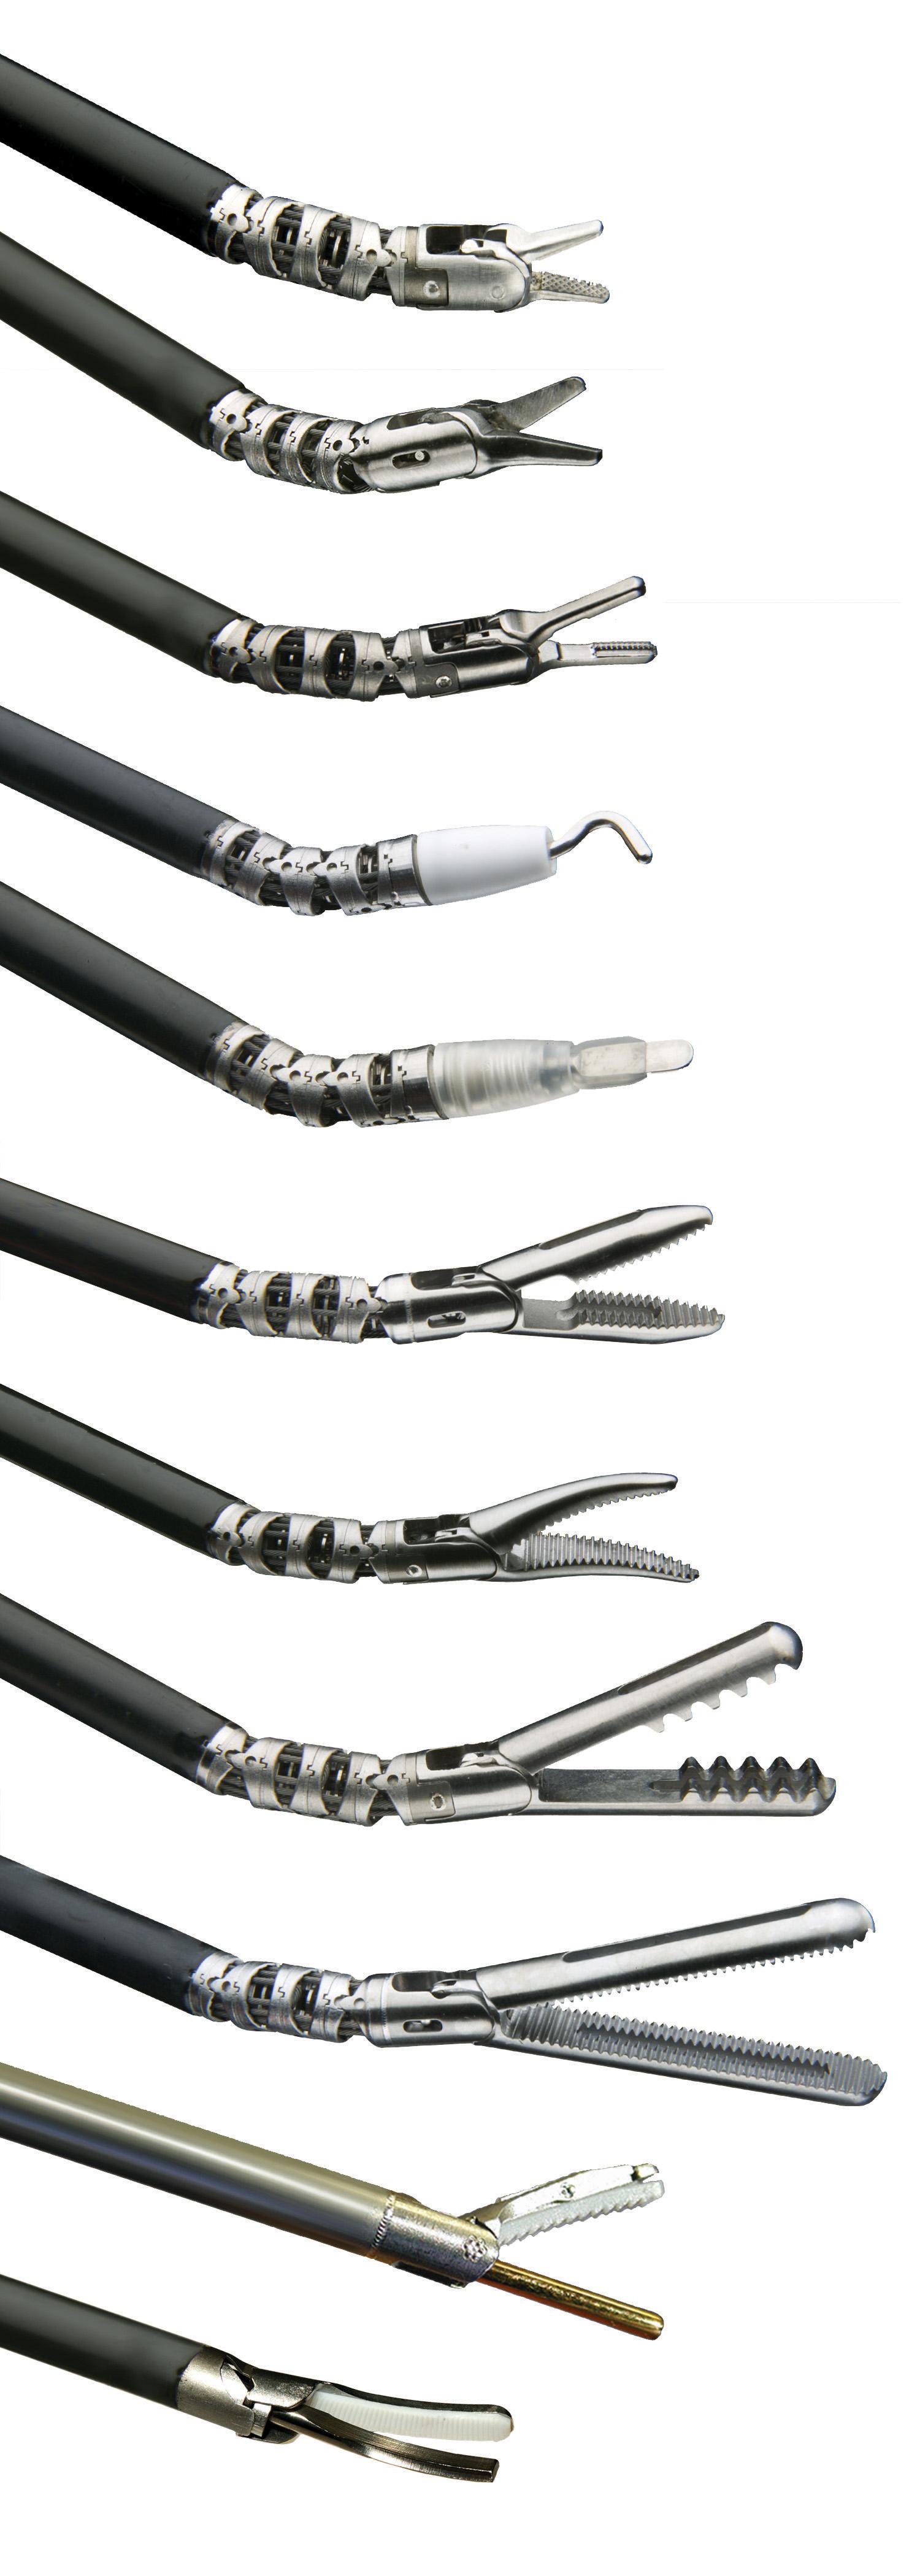 Ρομποτική Χειρουργική 5mm Composites